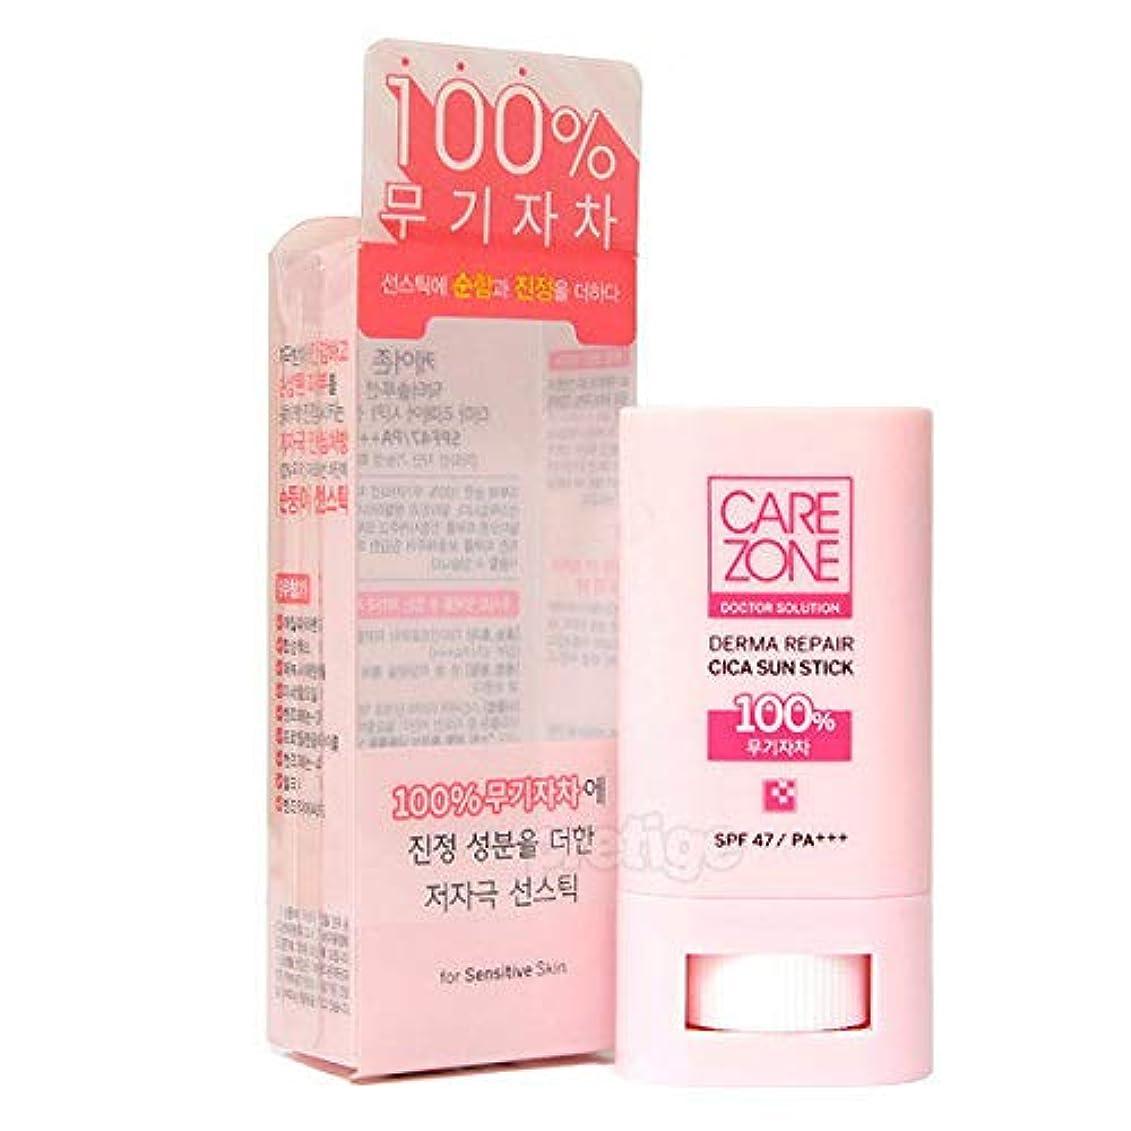 気分が良いシネウィウッズCAREZONE ケアゾーン Doctor Solution Derma Repair Cica Sun Stick サンスティック (20g) SPF47/PA+++ CARE ZONE